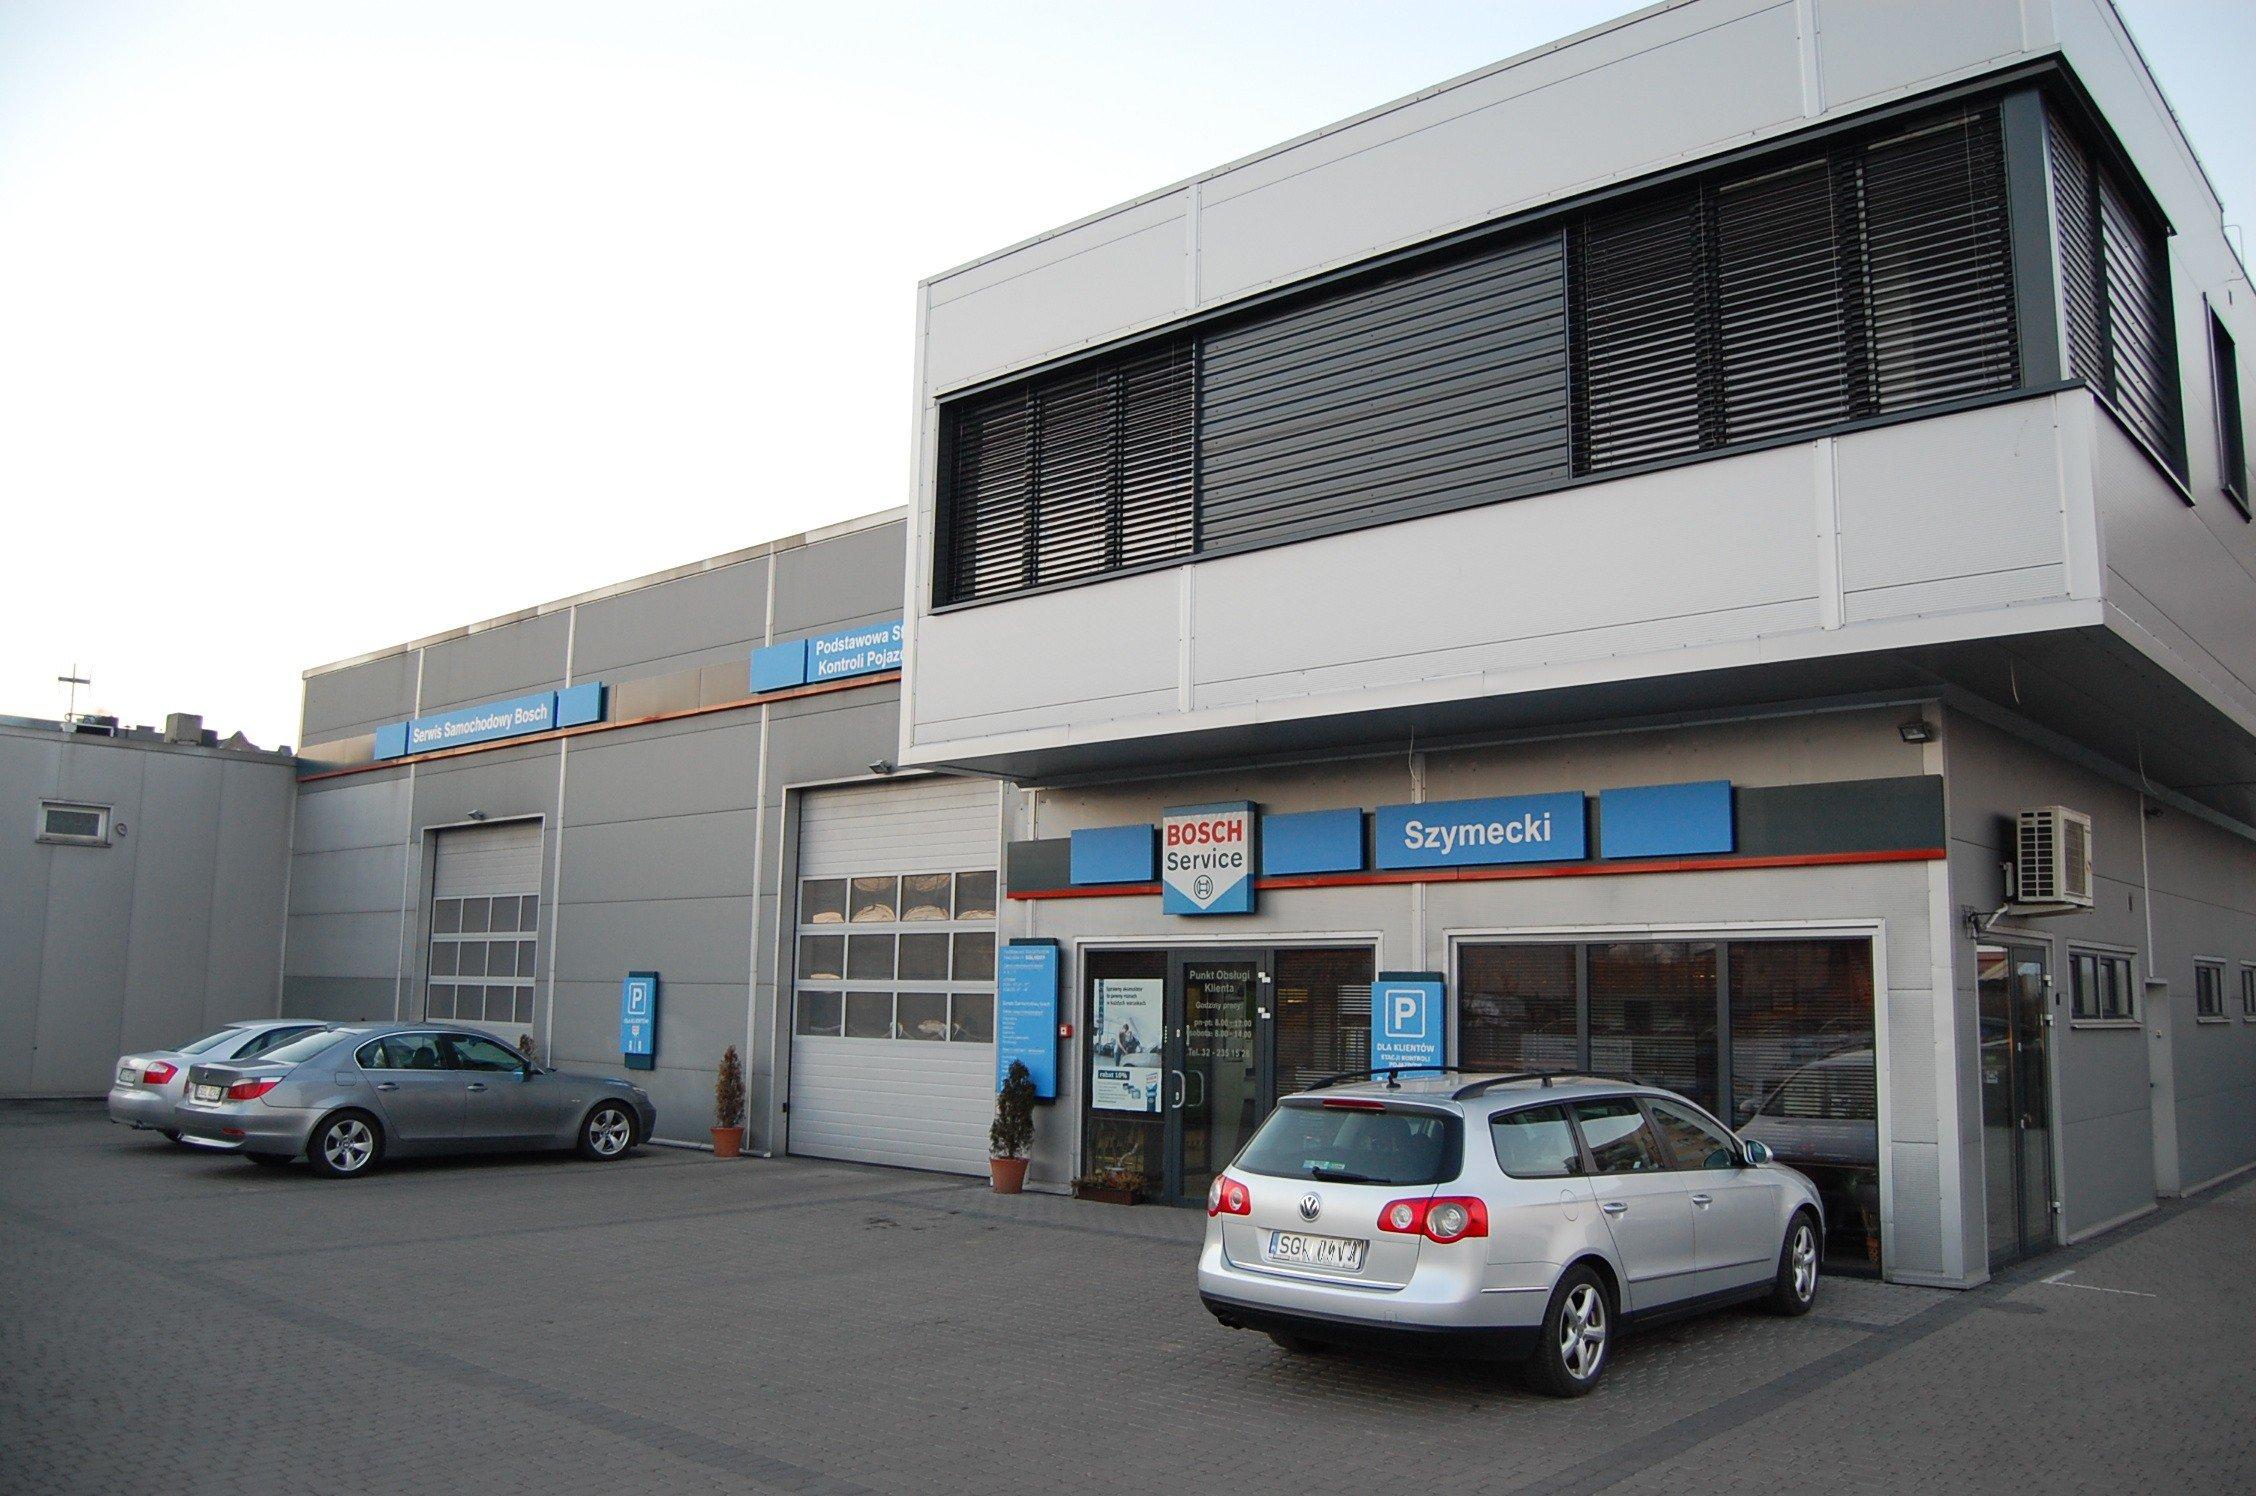 Auto Service Building : Motoryzacja sukces knurowskiej firmy auto serwis szymecki